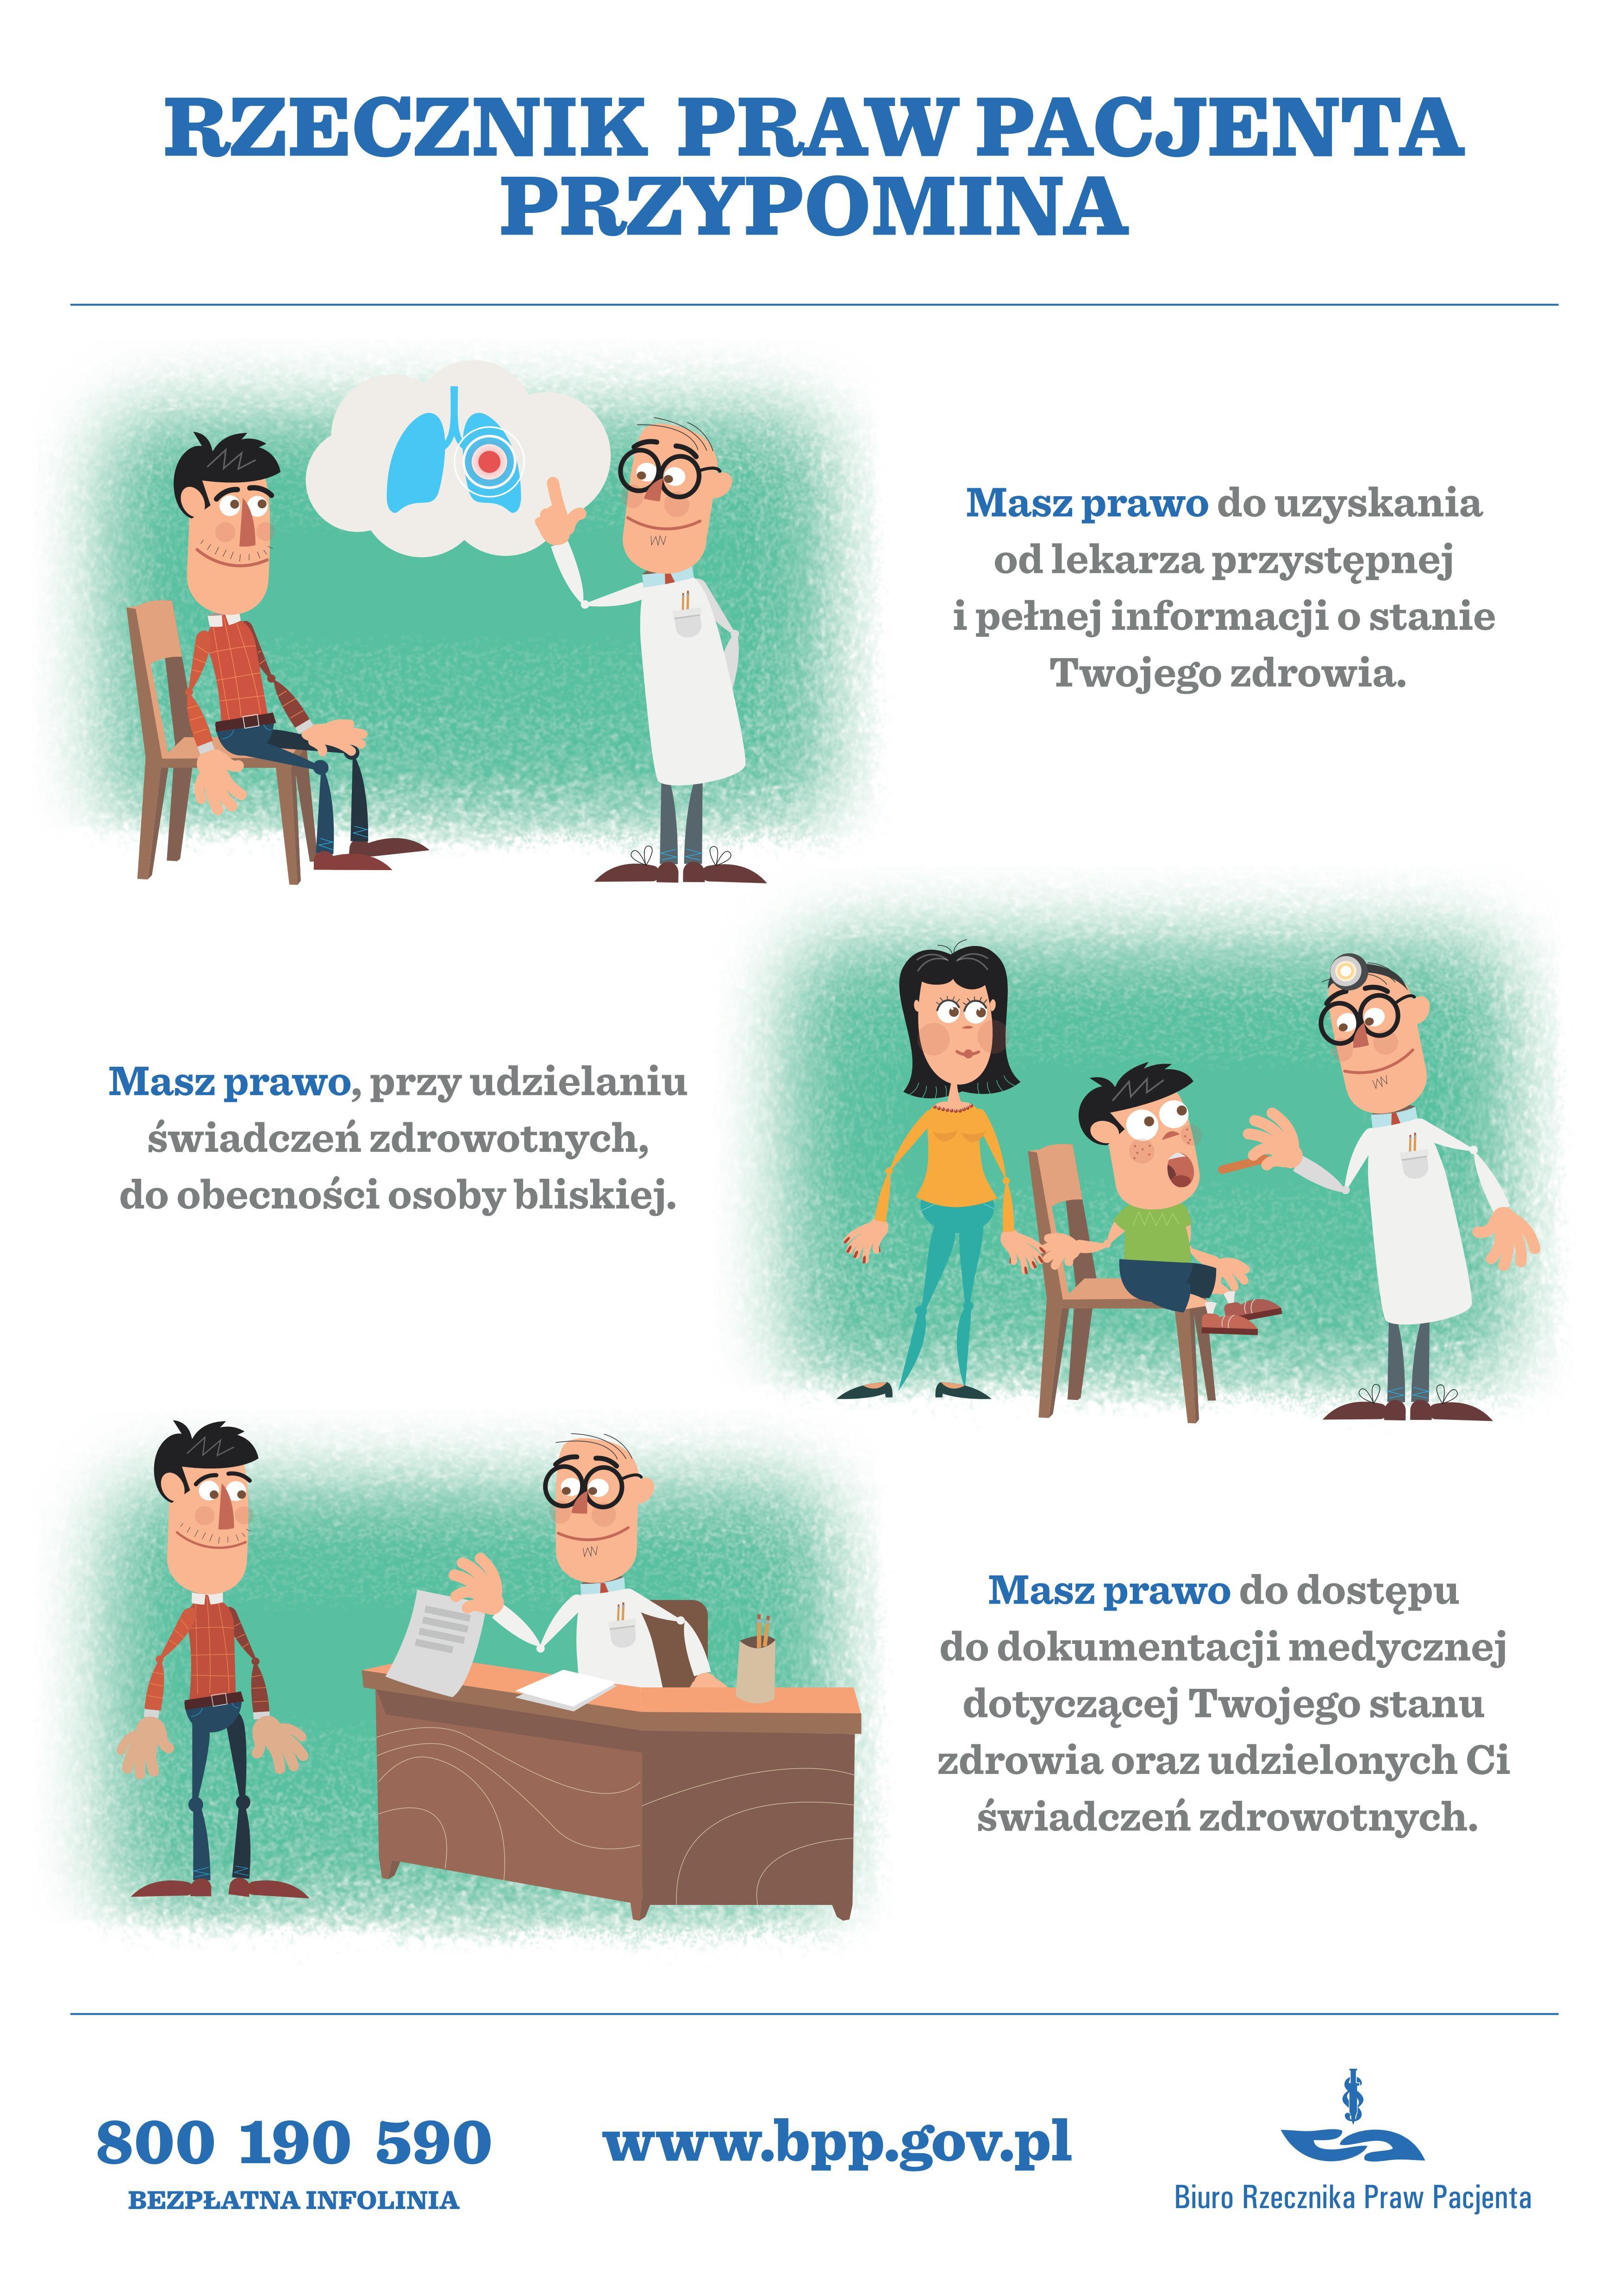 przcznik praw pacjenta